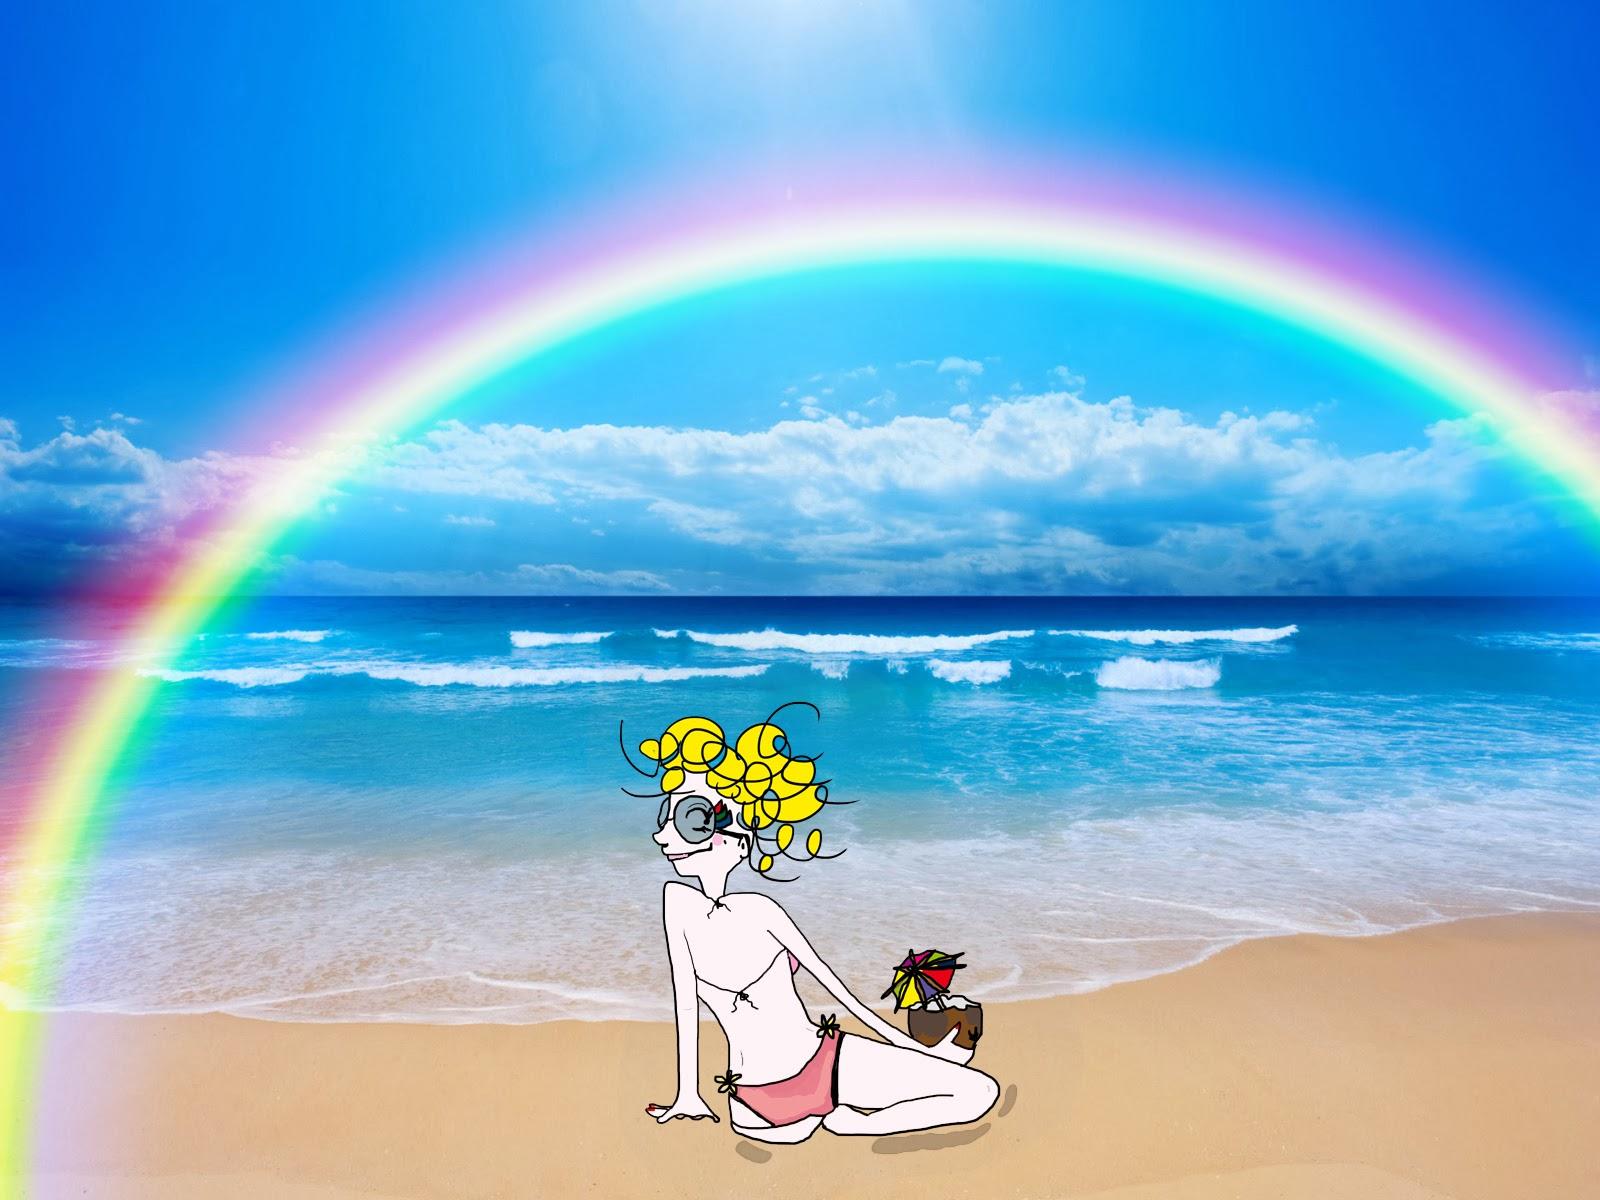 La vie selon L. à la plage, plage paradisiaque, paradis, ile maurice